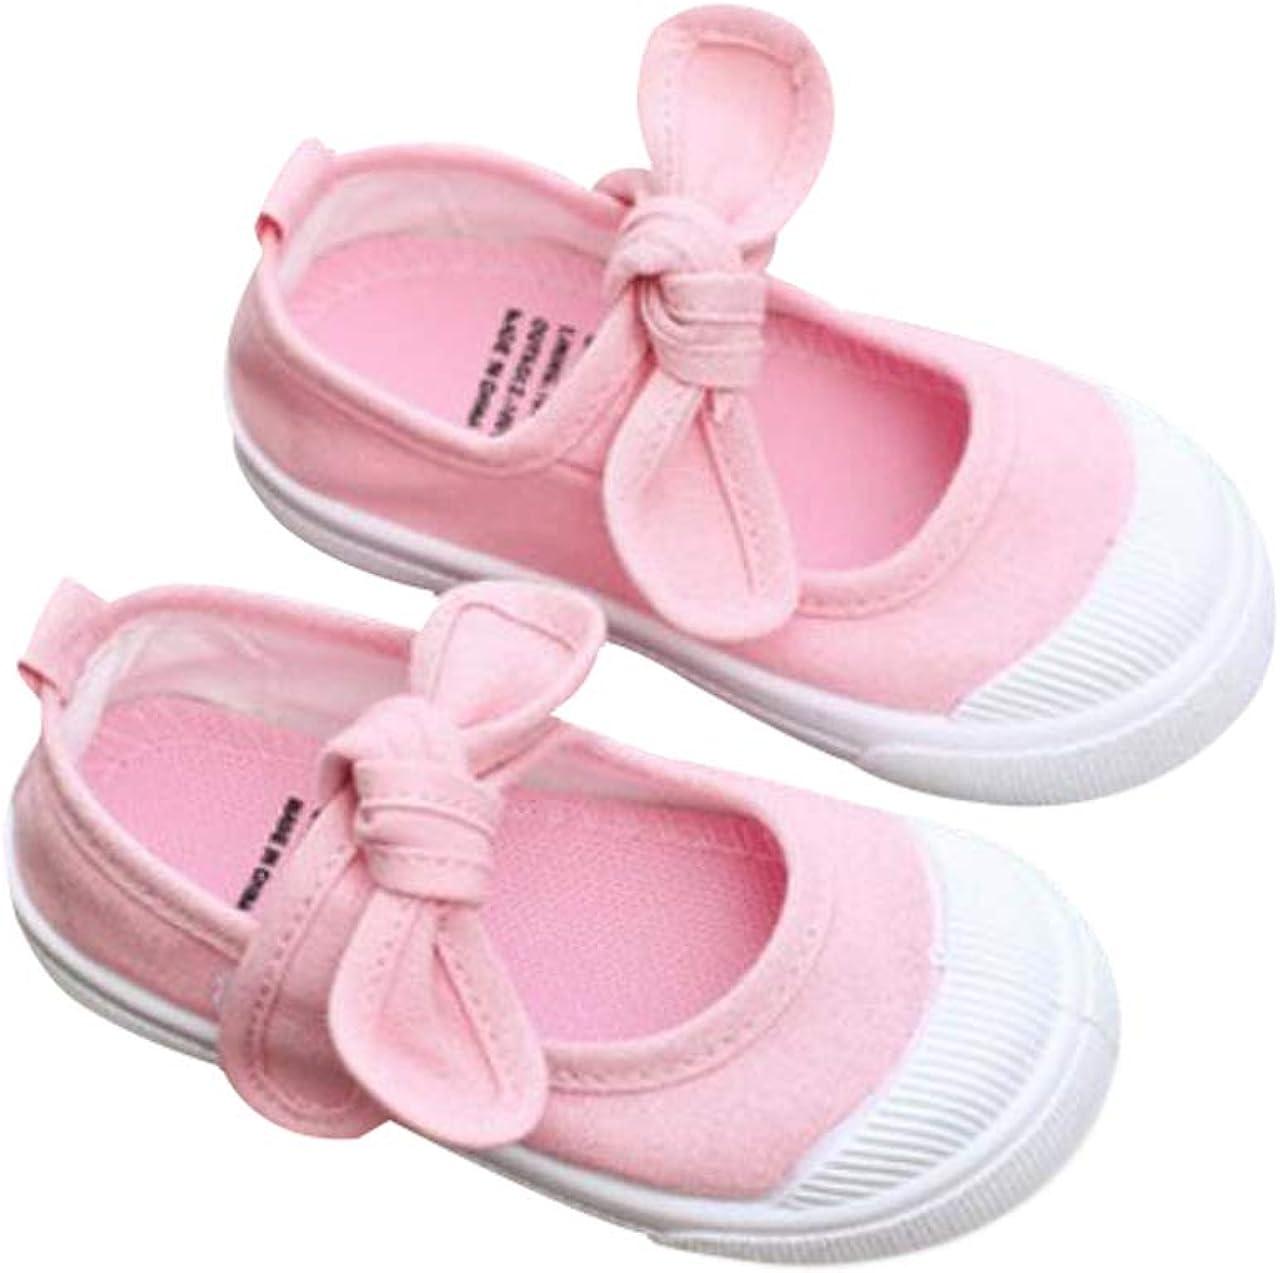 Zapatos Planos Zapatillas de Deporte con Suela Suave Adecuado para Ni/ñas de 1-12 a/ños DEBAIJIA Primeros Pasos Zapatos Escuela Lona Ni/ña Lazo Antideslizante Moda Casual Deportes